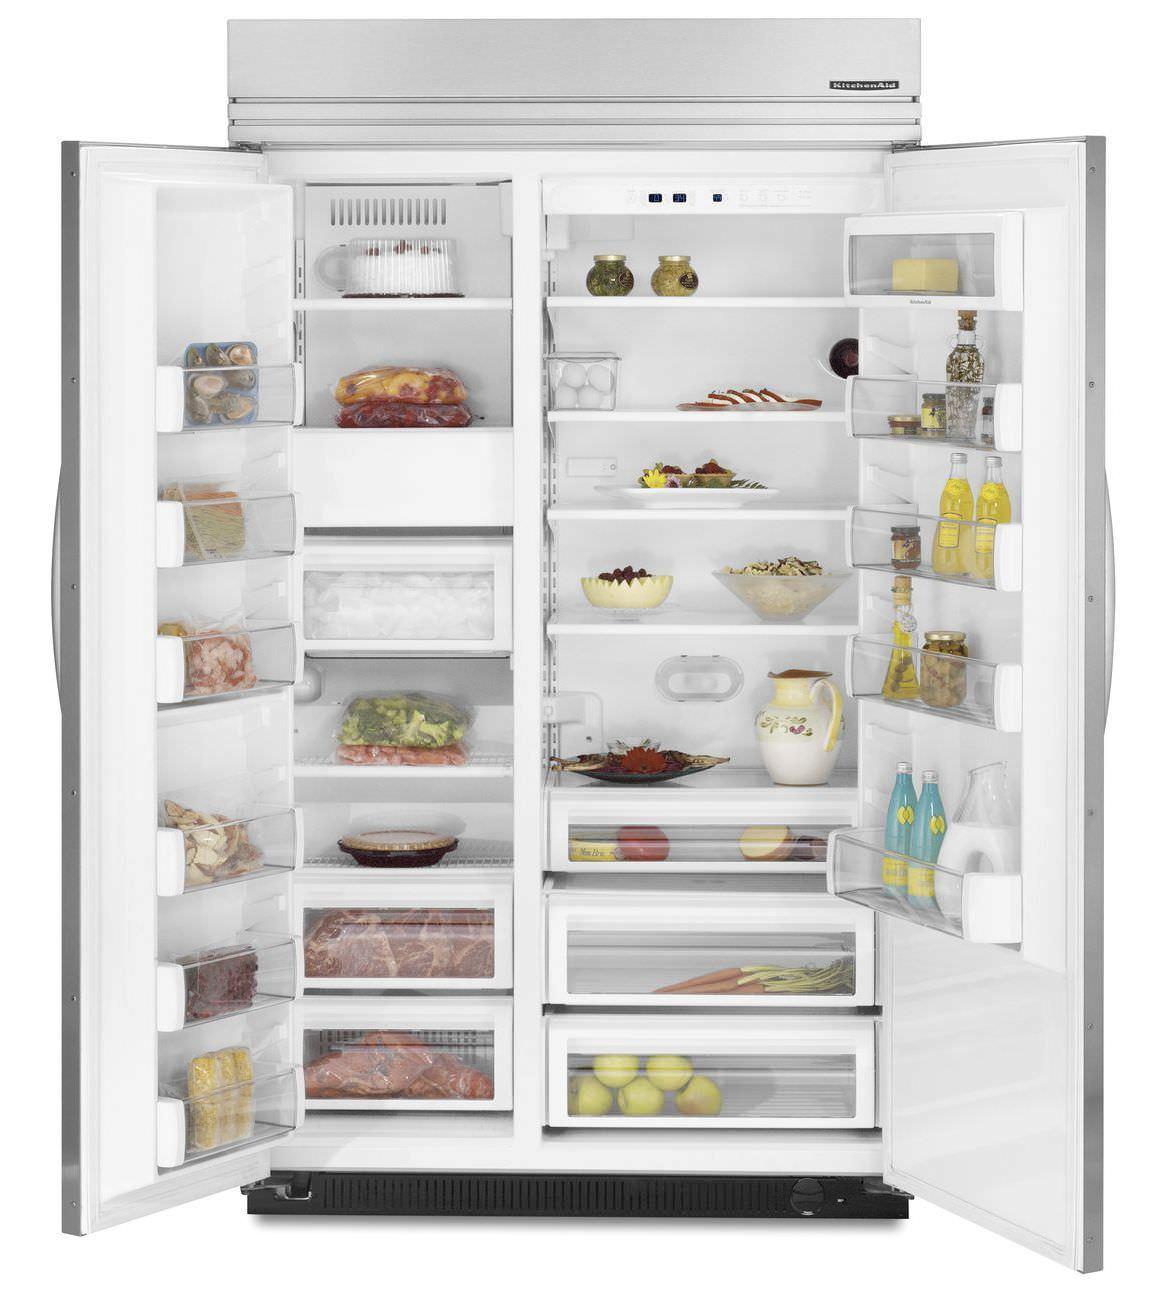 Kühlschrank Amerikanisch amerikanisch kühlschrank holz einbau ksso42ftx kitchenaid